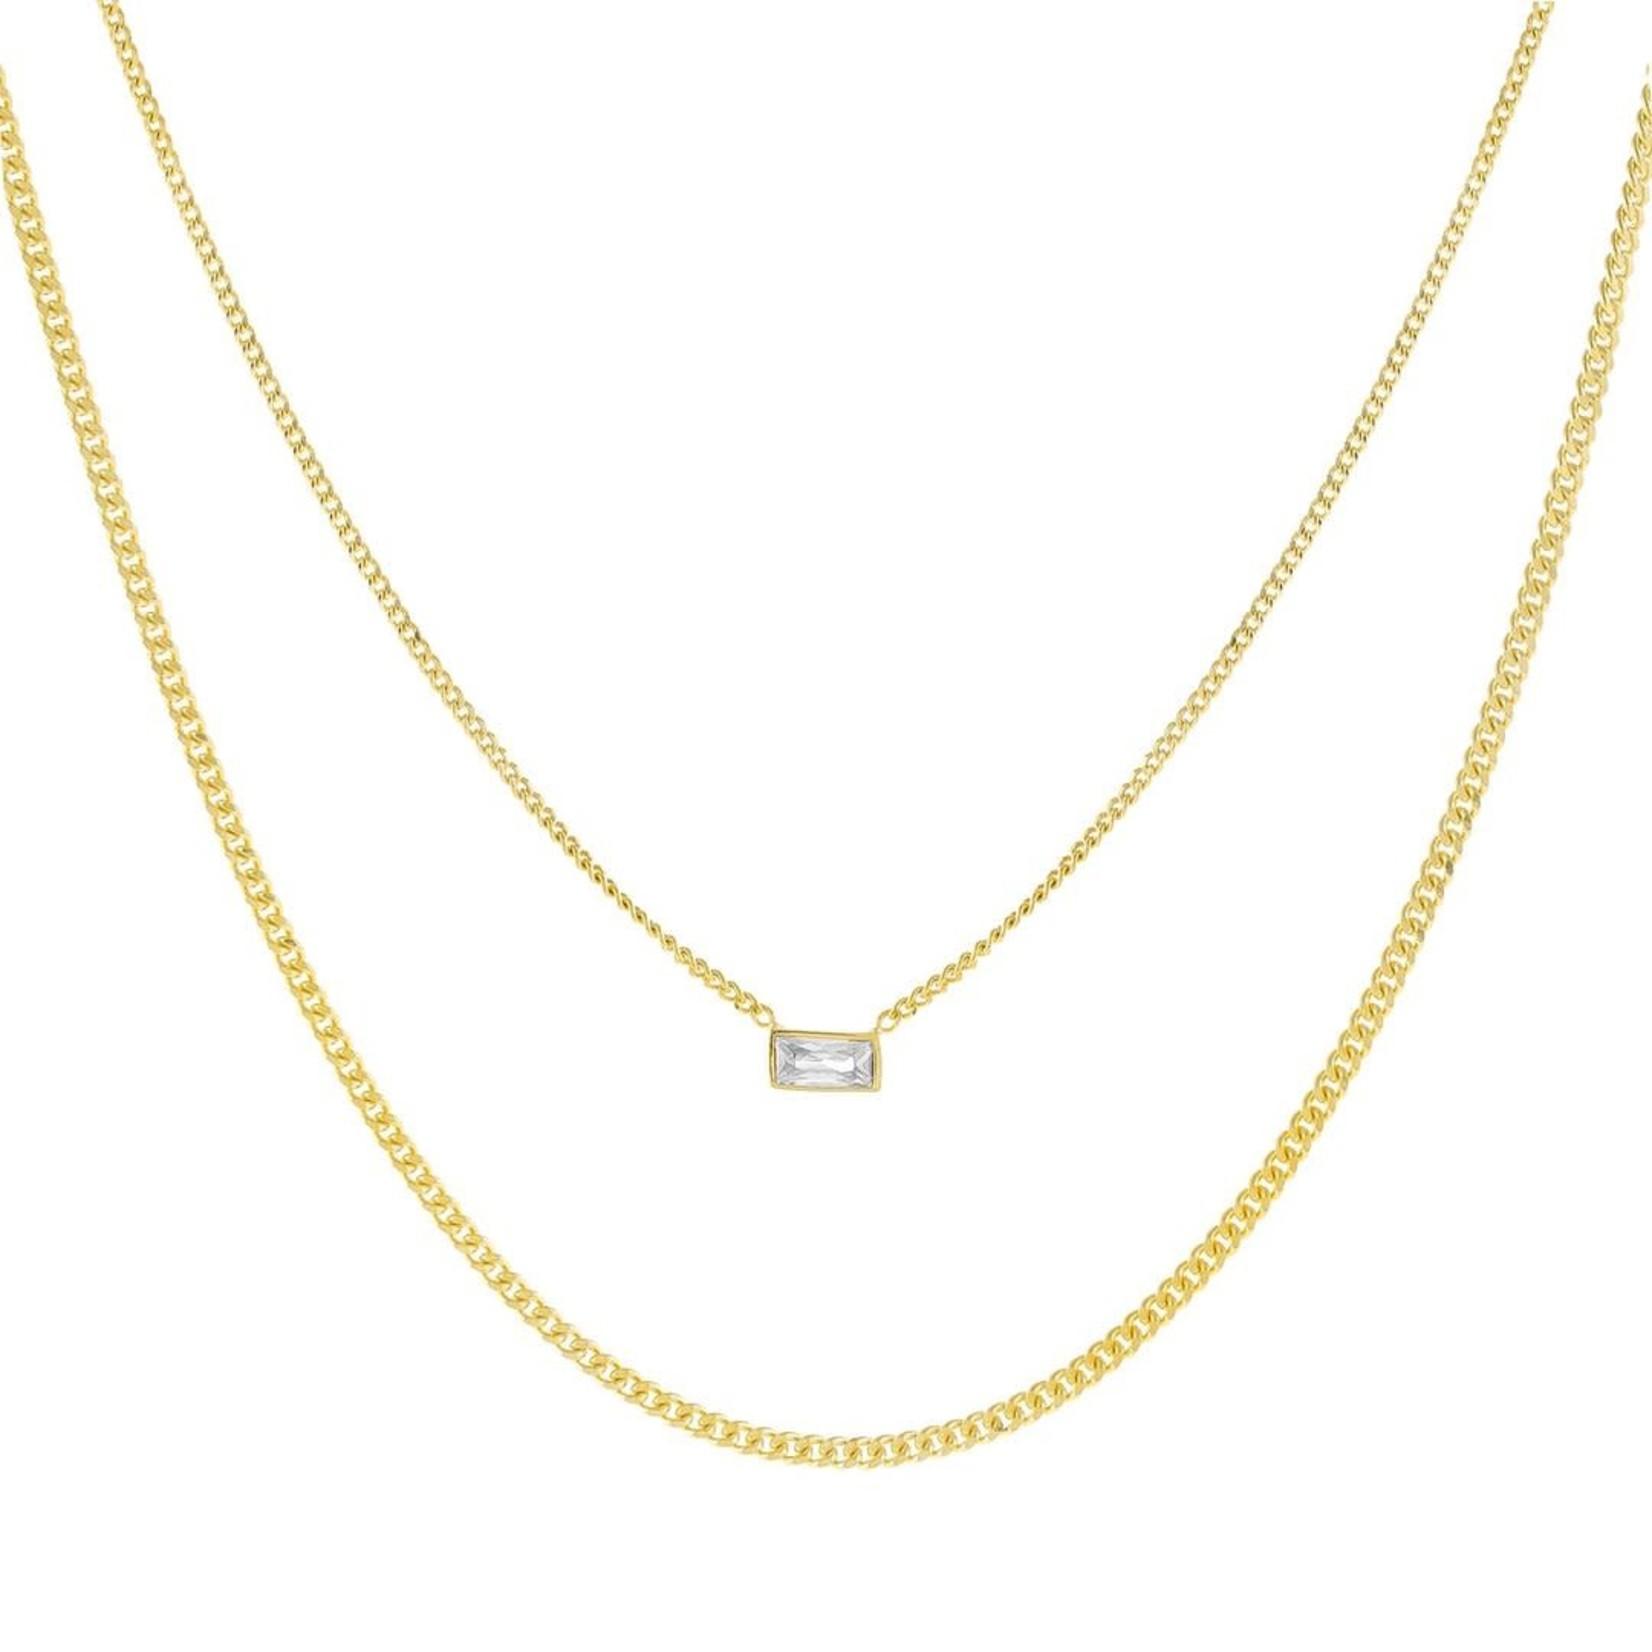 Adinas CZ Baguette Double Chain Necklace